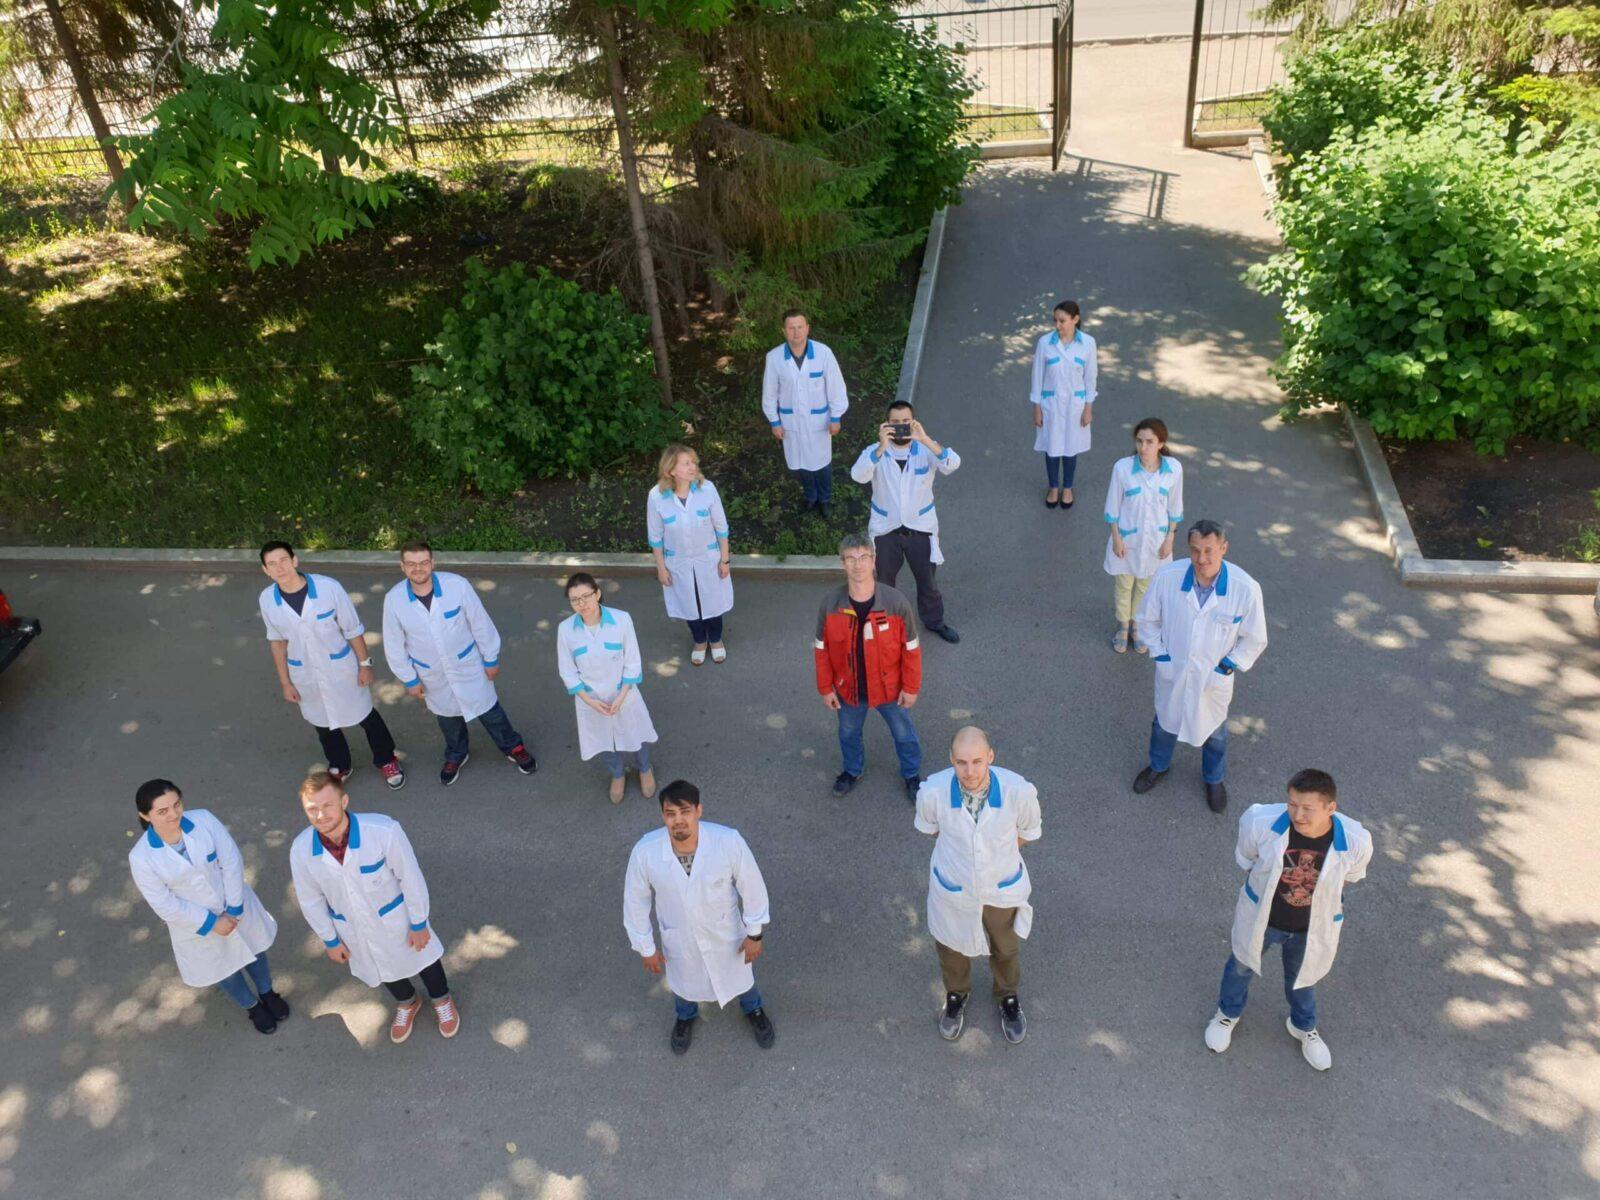 Молодые специалисты ЦСМ Республики Башкортостан рассказали о своей работе